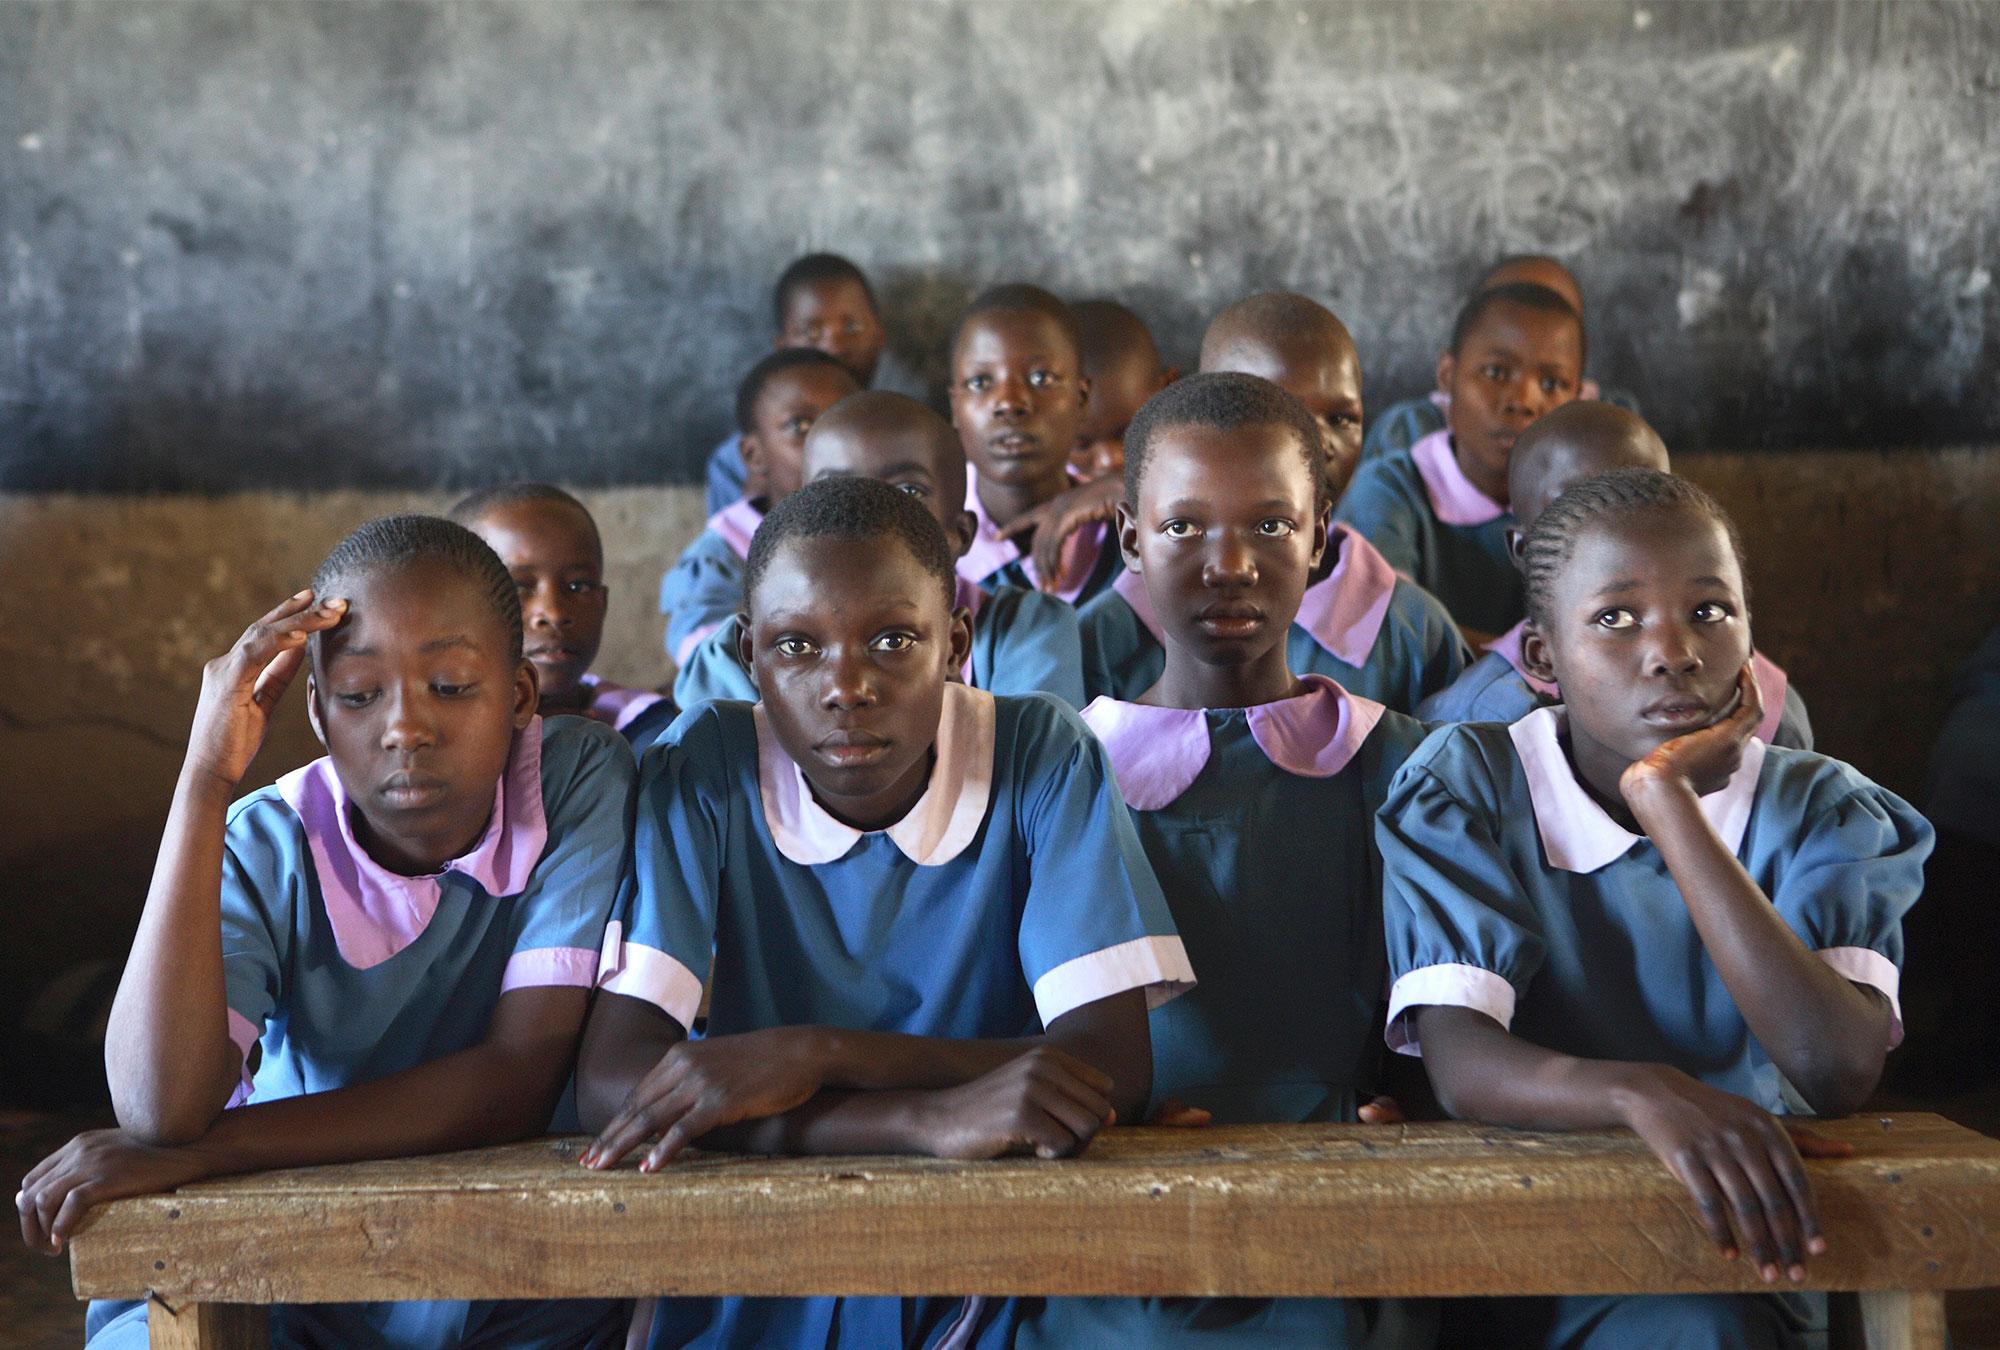 Girls in school uniforms sit in class